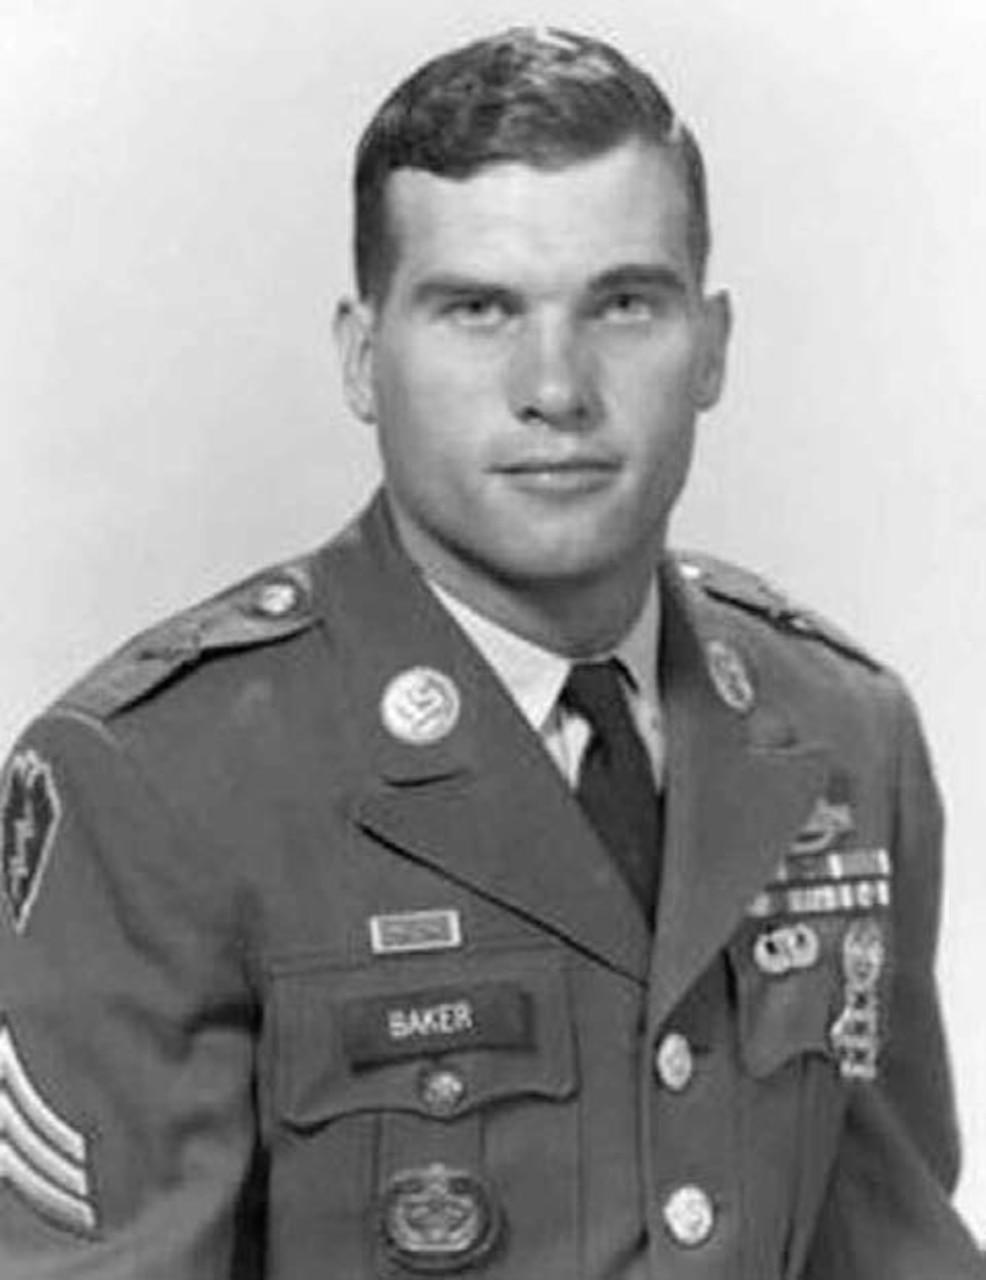 Sgt. John F. Baker Jr. posing in uniform.